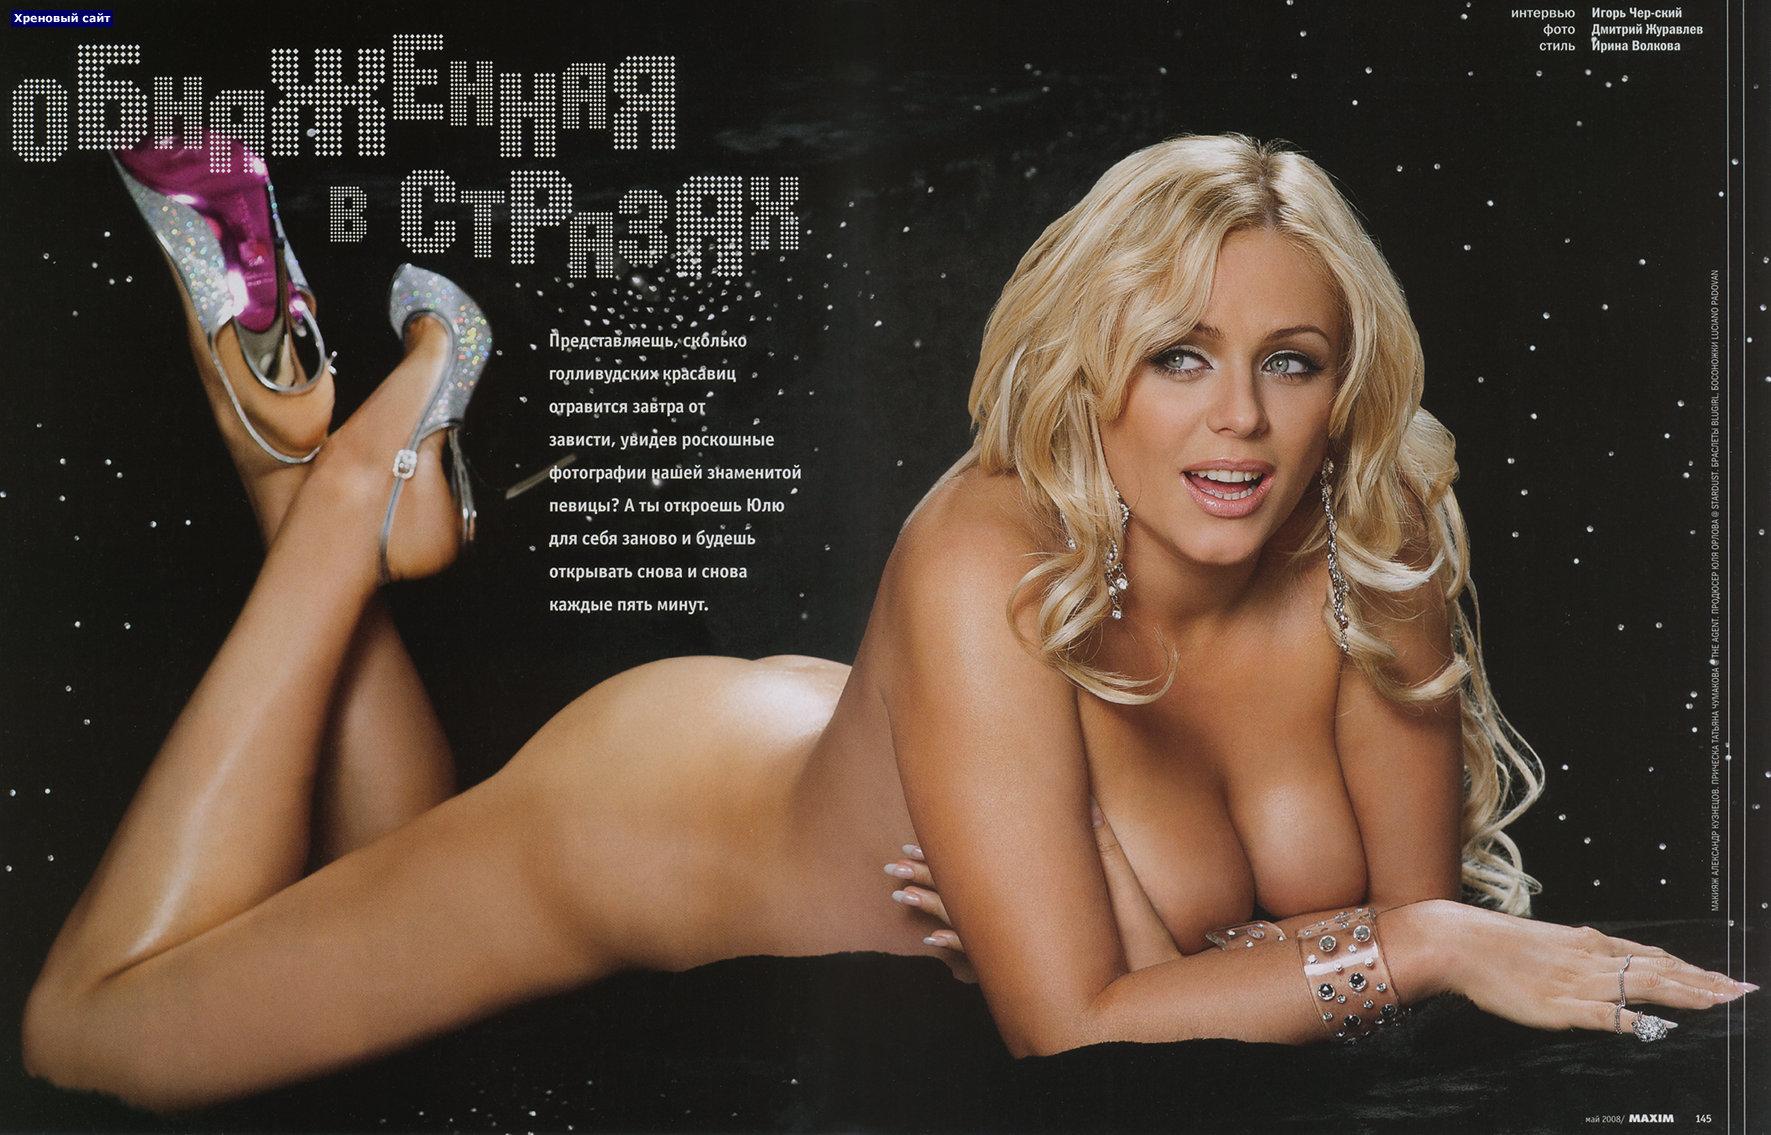 Российские Звезды Без Голые